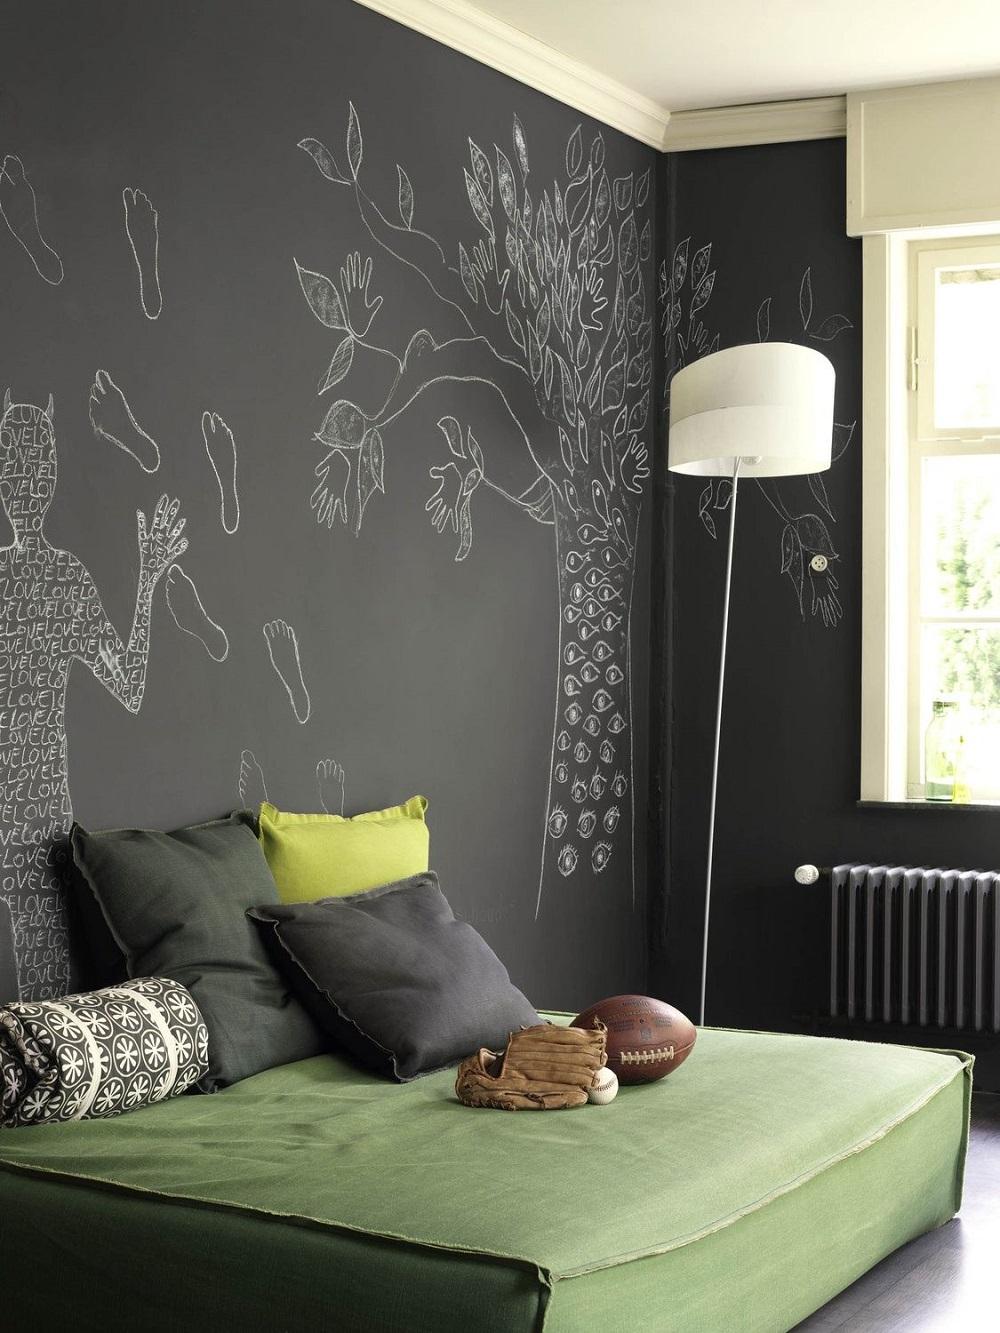 Idees Deco Chambre Ado Fille Et Garcon 30 Pieces Qui Font Mouche